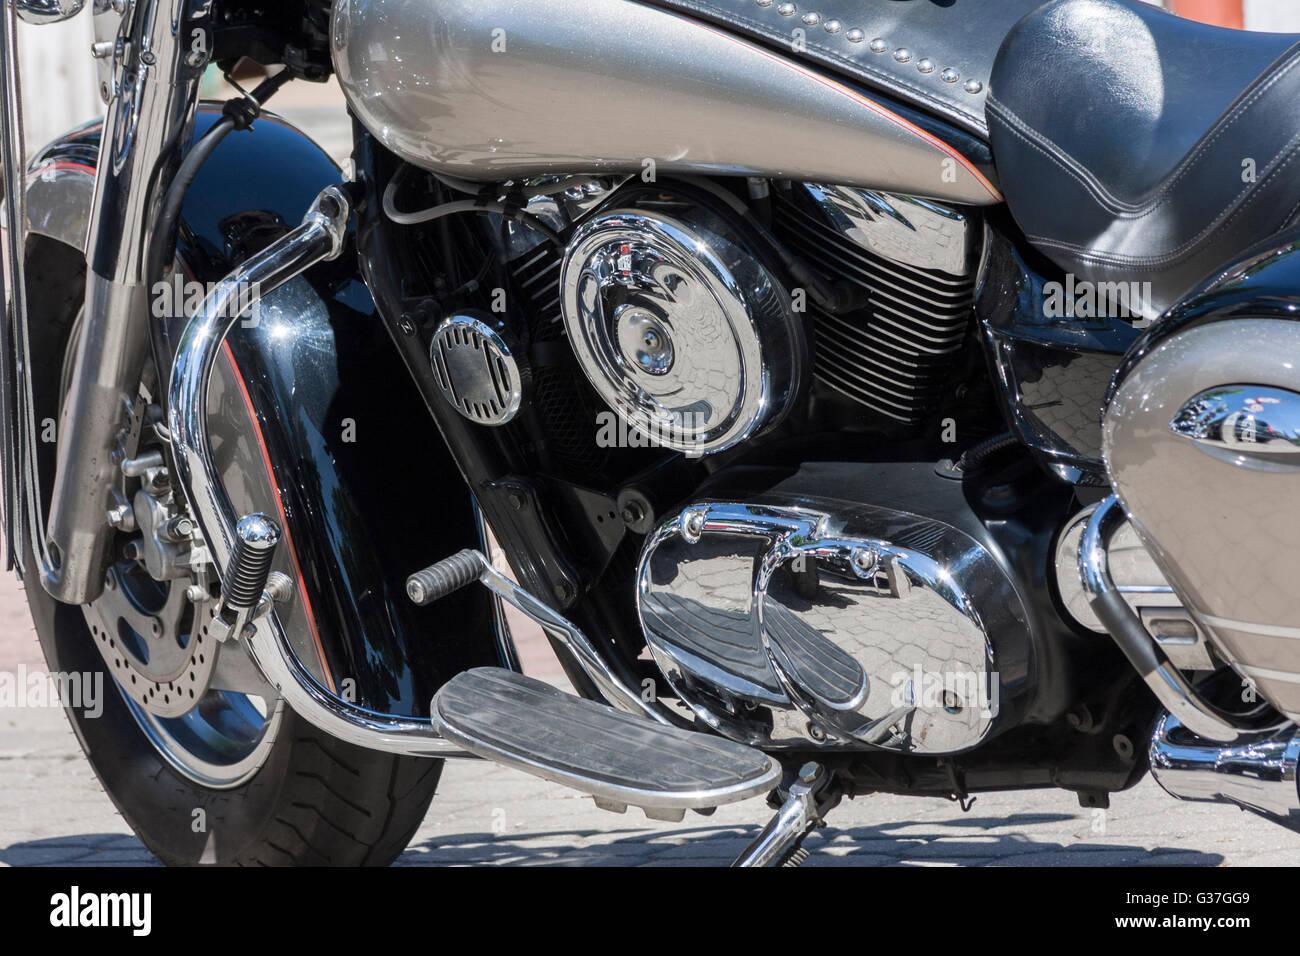 Motorrad, Metall und Chrom Motorteile in Nahaufnahme Stockfoto, Bild ...